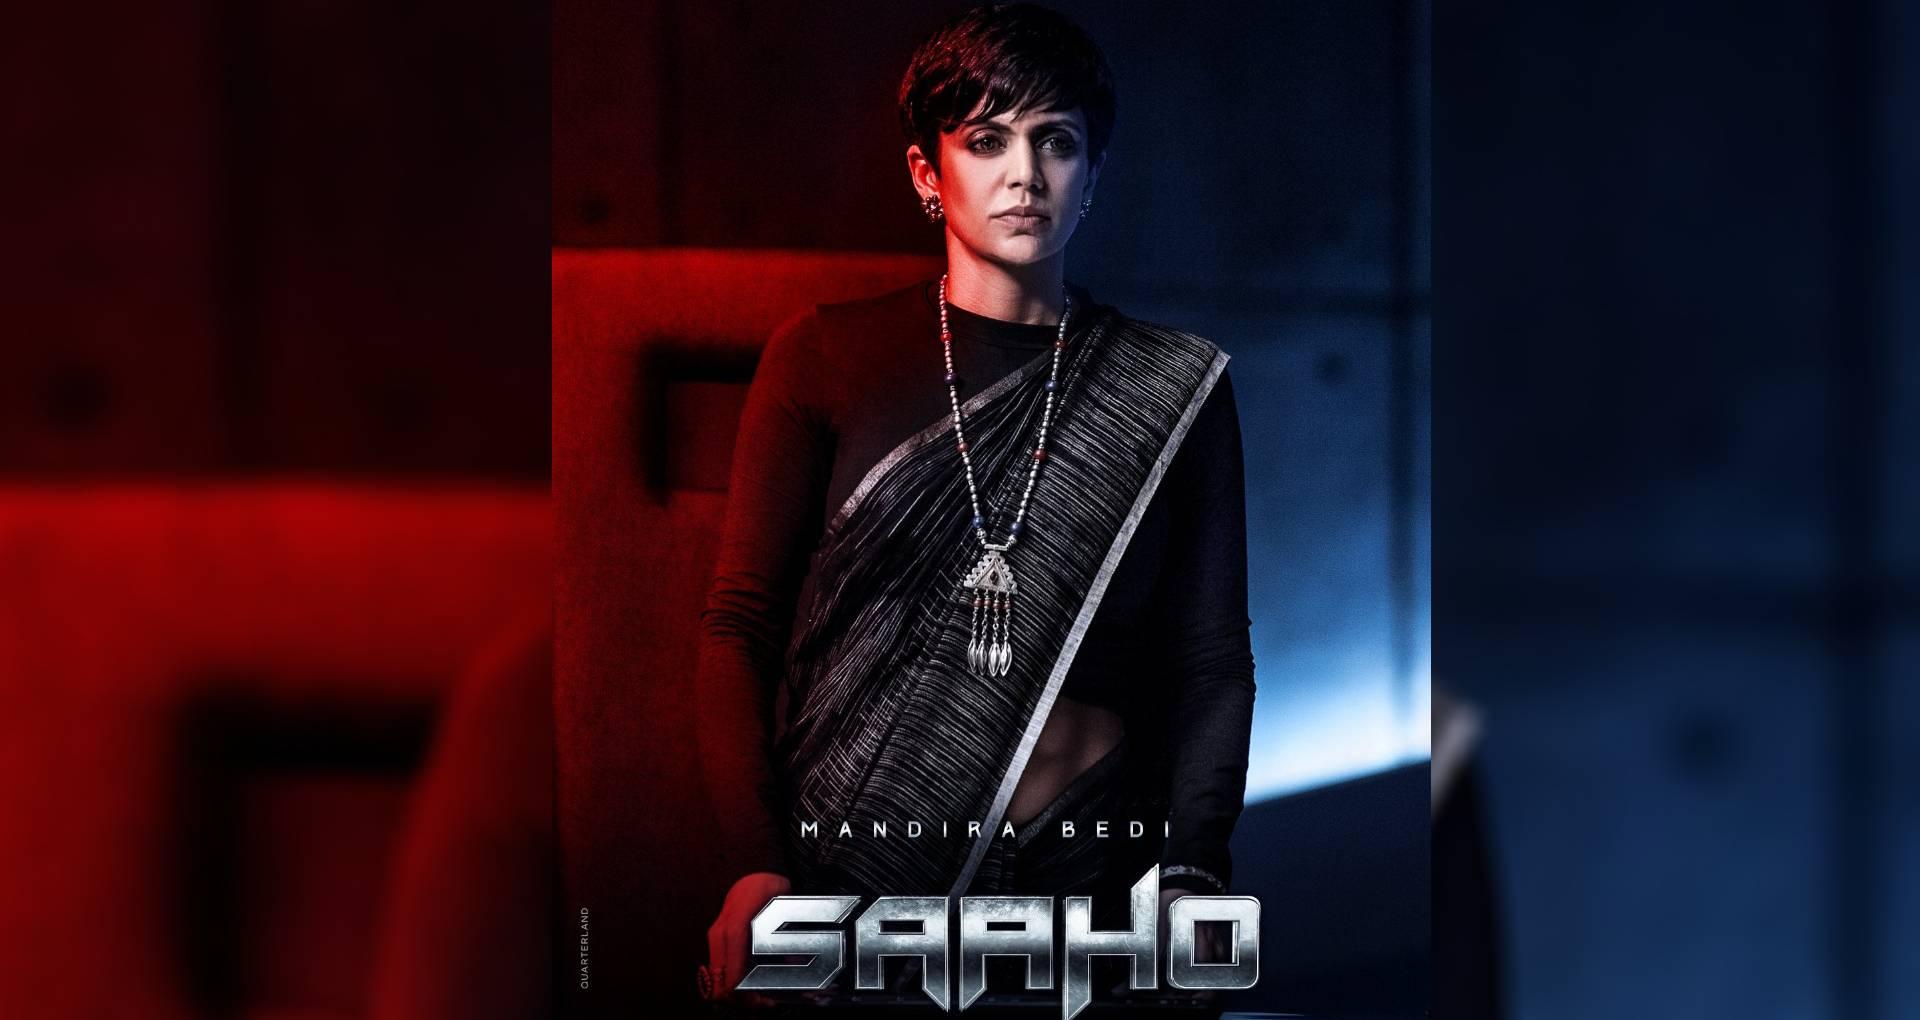 Saaho Poster: फिल्म साहो का फिर लॉन्च हुआ नया पोस्टर, कातिलाना अंदाज में दिखा मंदिरा बेदी का लुक